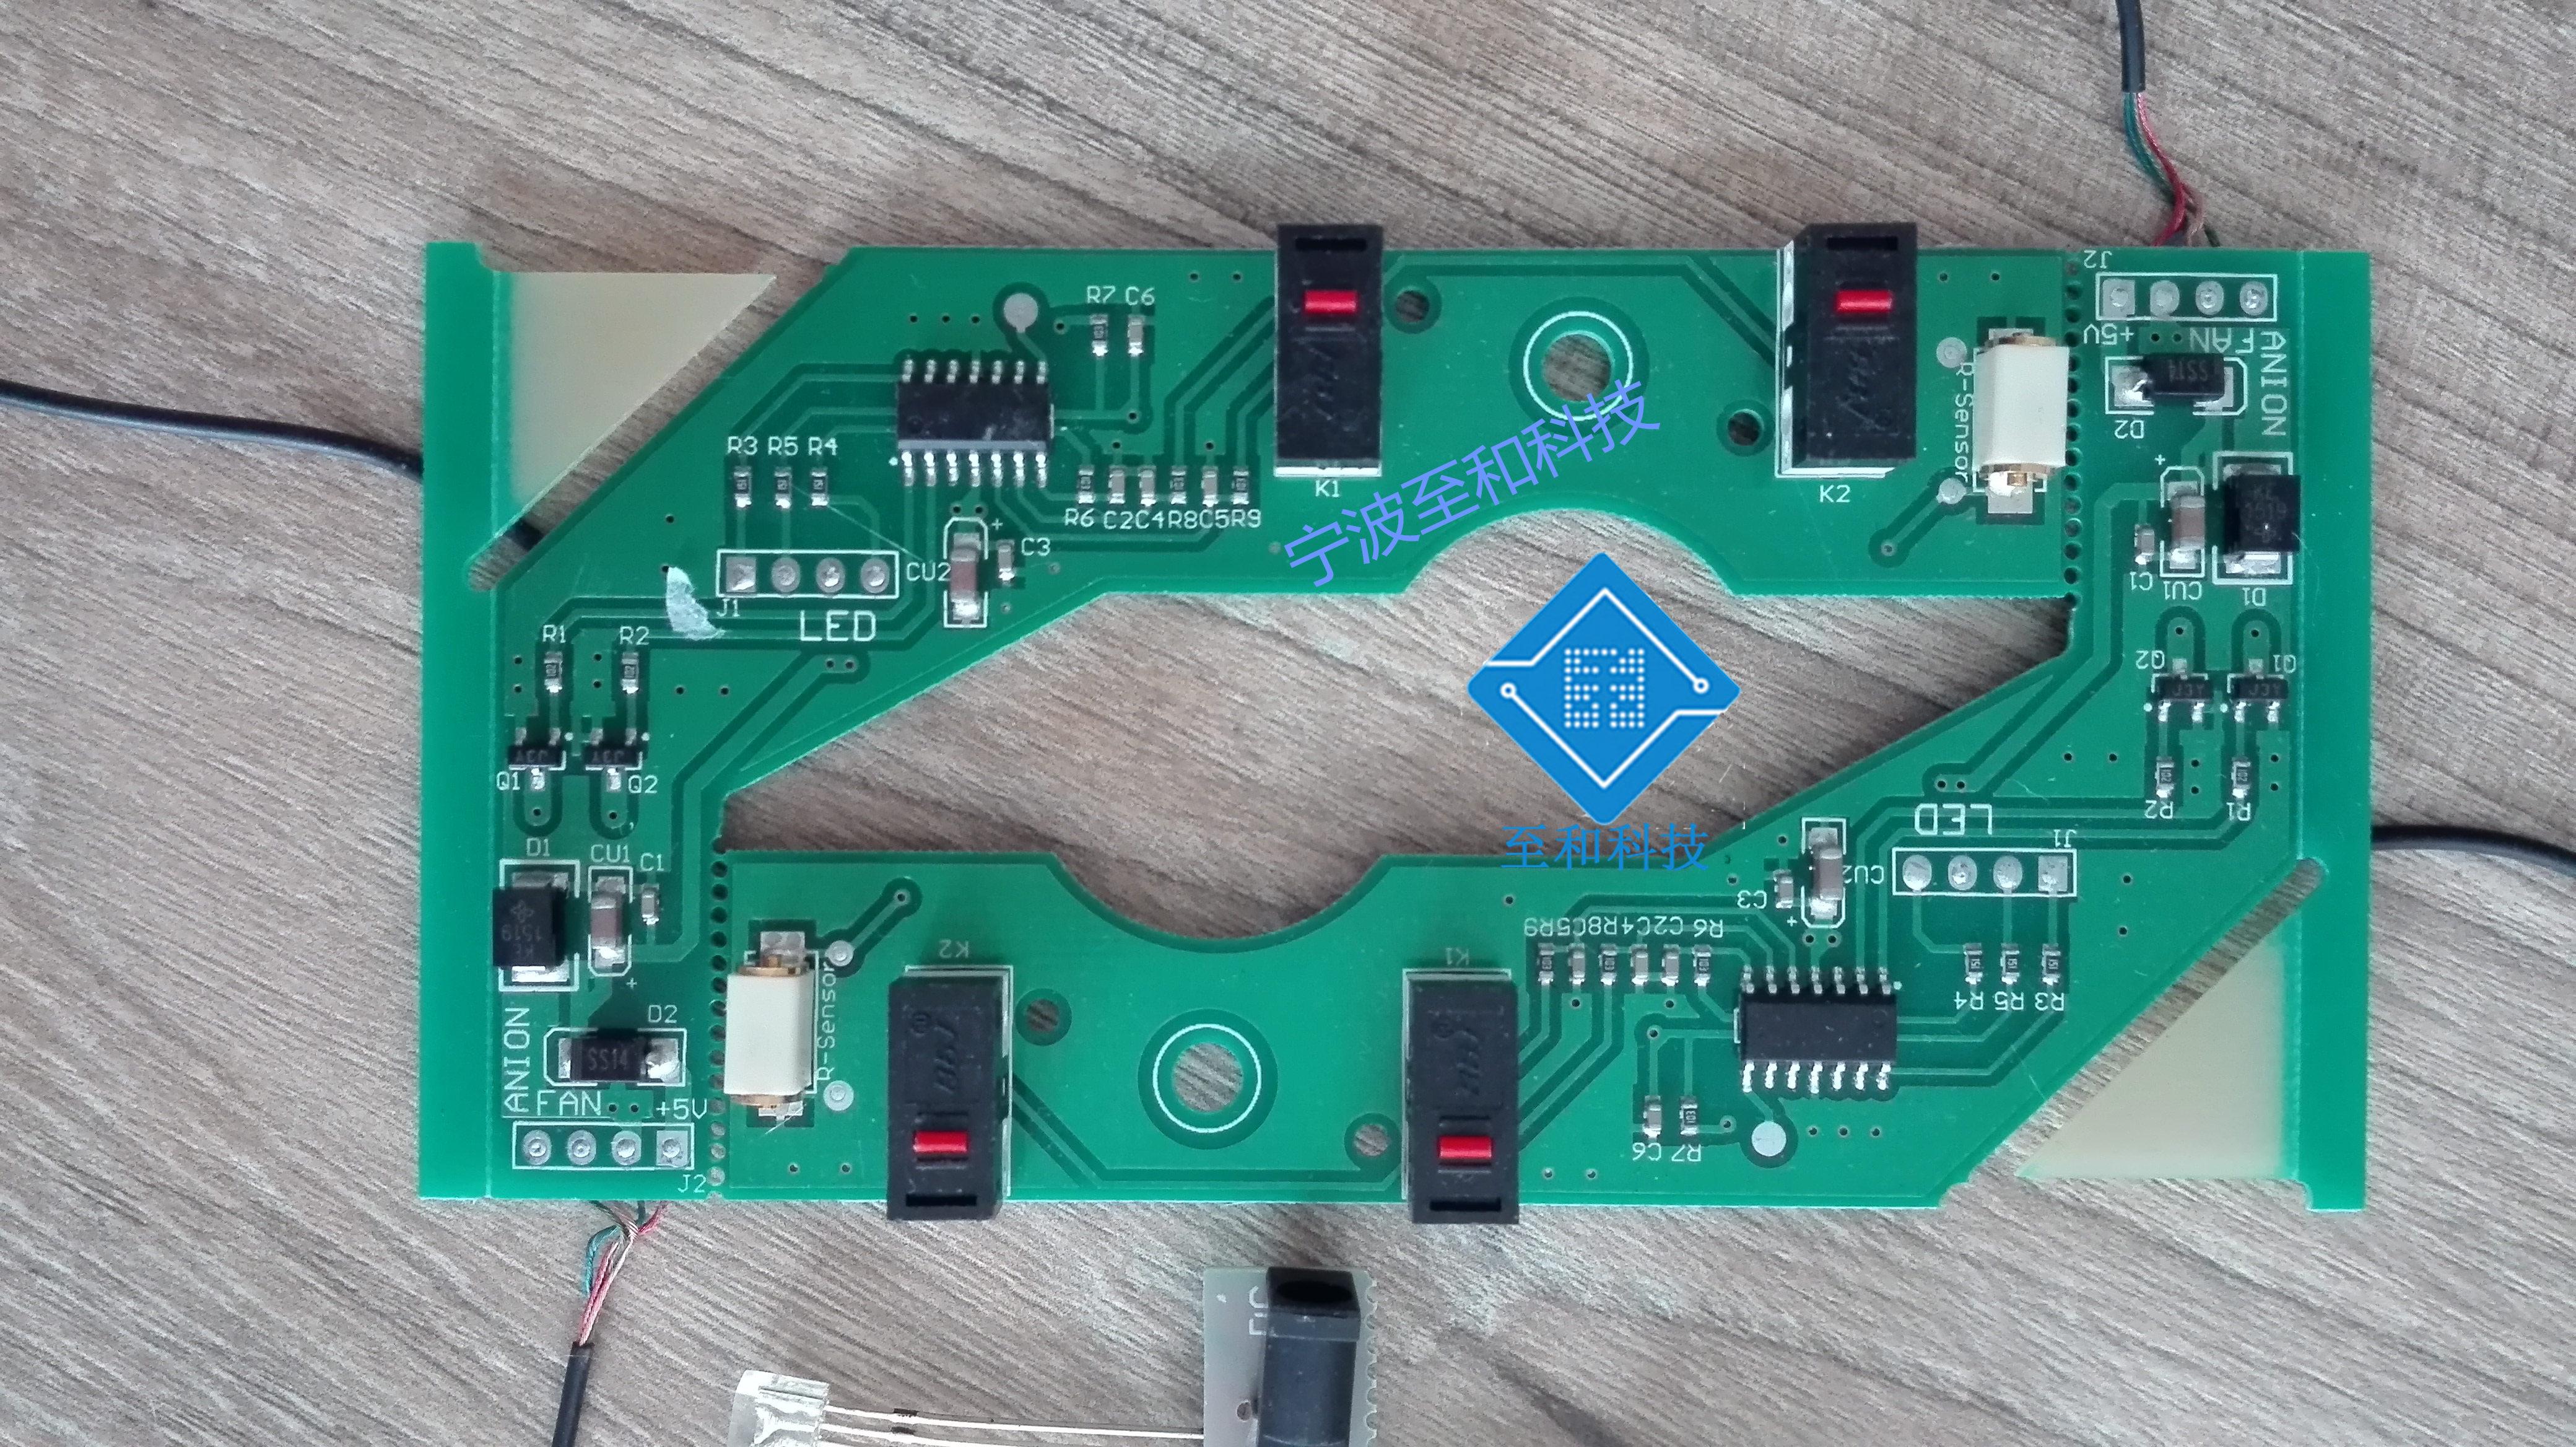 功能介绍: 1.太阳能板为单晶硅7V/2W。 2.风扇采用德国进口机芯,只为35db极致低噪。 3.美国ST主控芯片,日本OMRON汽车振动传感器。 4.无刷电机。 5.高效纳米杀菌涂层板,多重过滤系统:活性炭过滤层+光触媒过滤层。 6.双重负离子净化,24小时细菌去除率99%,24小时甲醛去除率98%。 7.